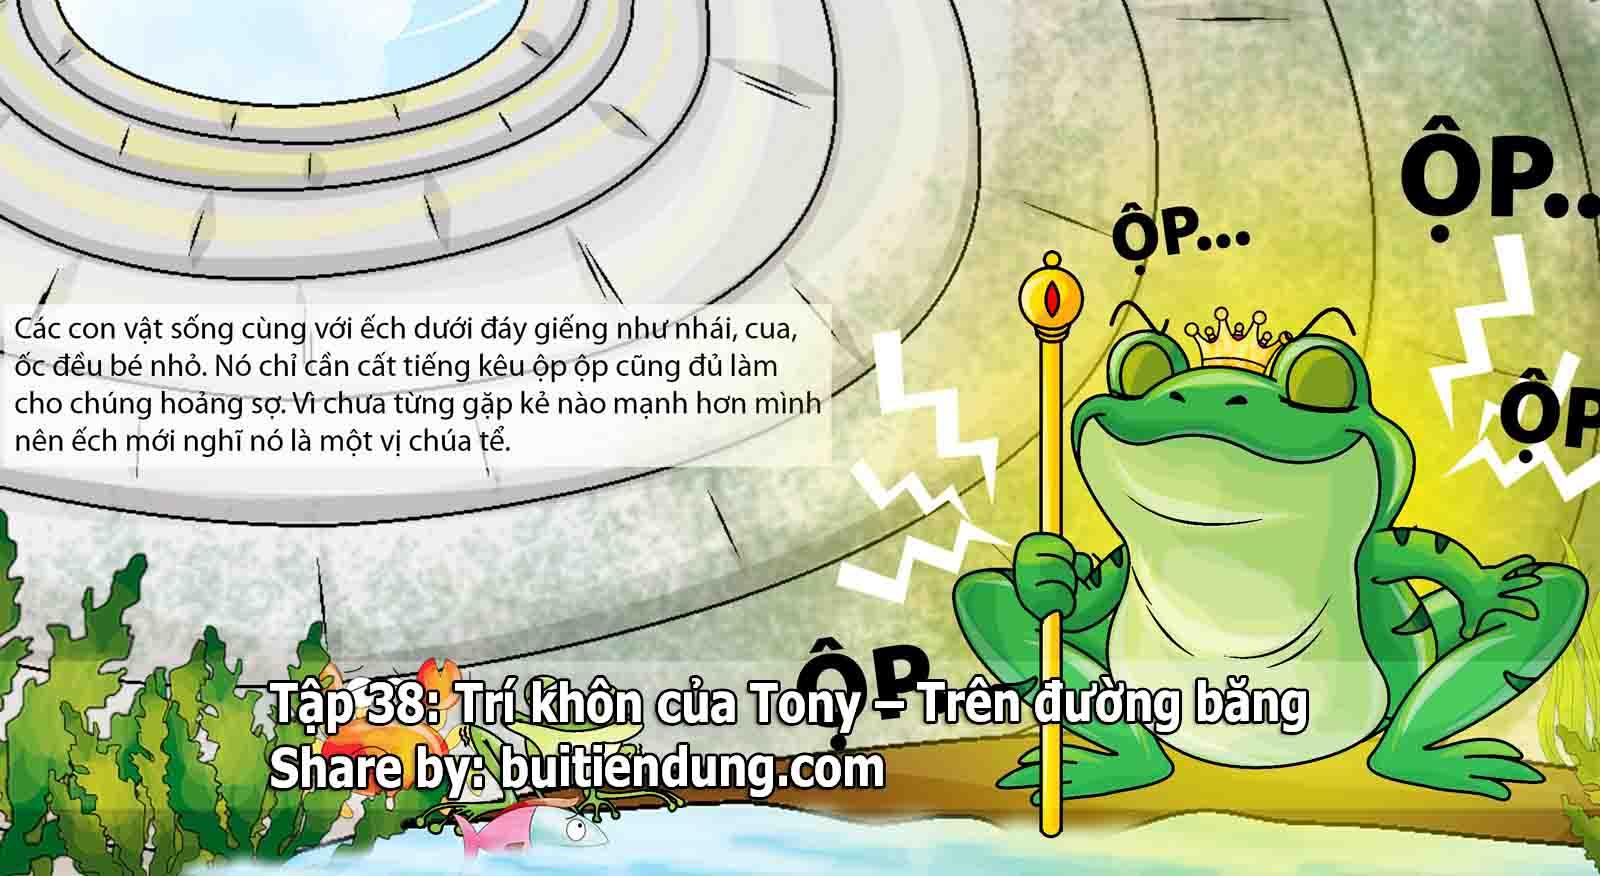 tap-38-tri-khon-cua-tony-tren-duong-bang-tony-buoi-sang